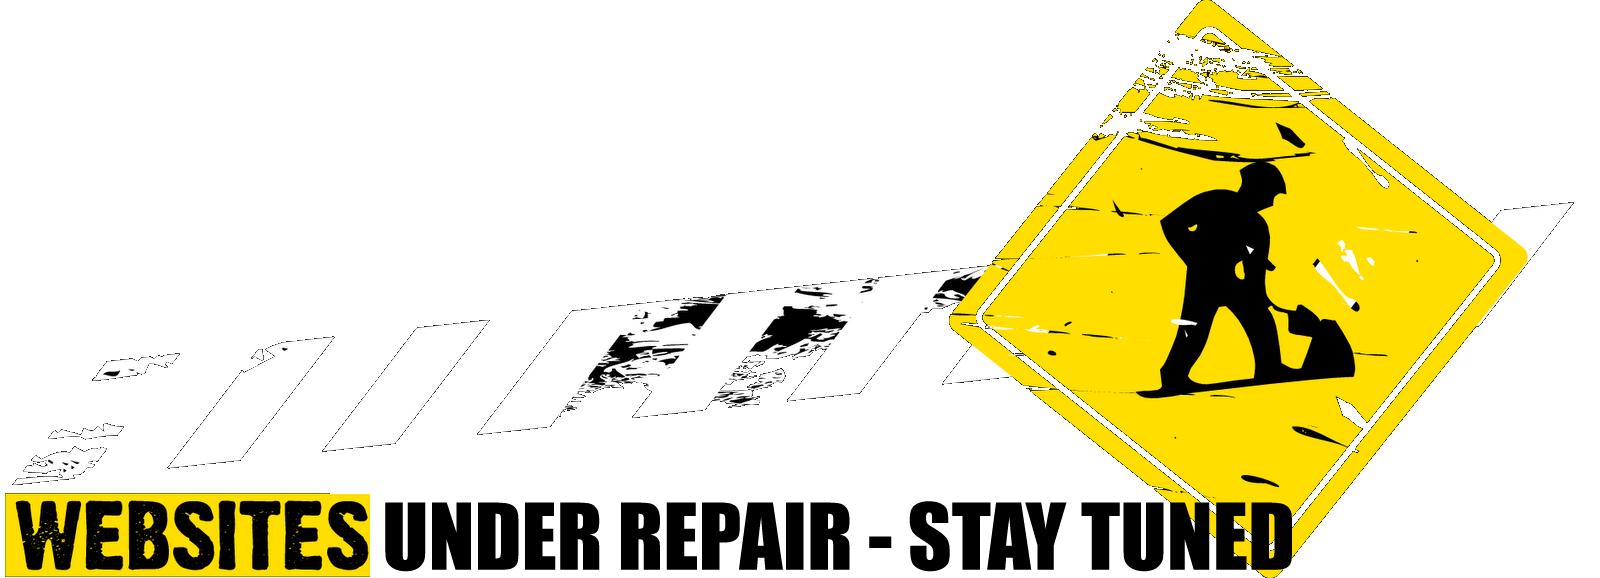 Bildresultat för website under repair